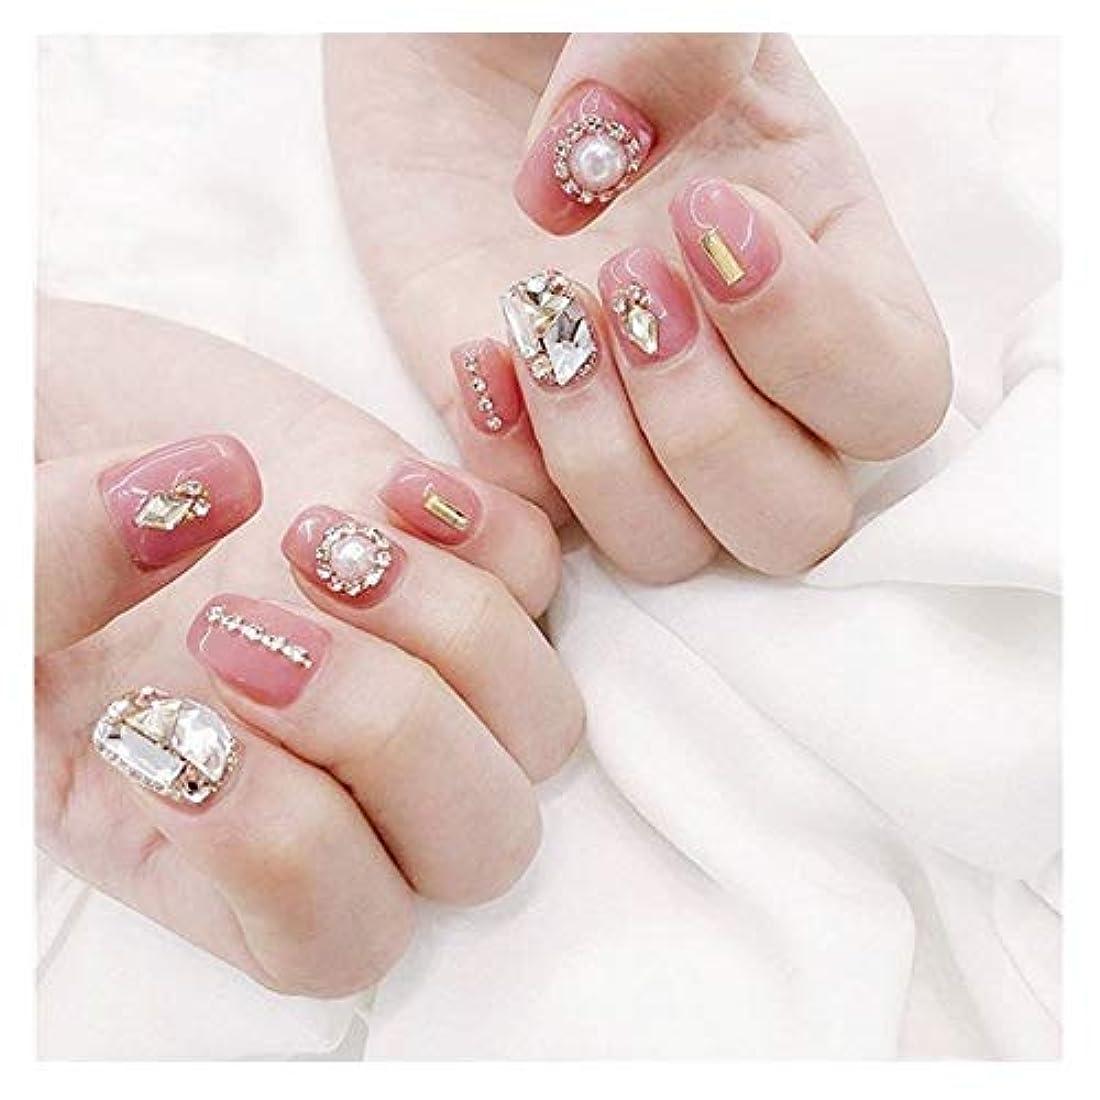 巨大なヨーロッパ欠伸YESONEEP ダイヤモンドのり偽の爪ピンクのかわいい花嫁フォトスタジオ完成ネイル偽の釘 (色 : 24 pieces)